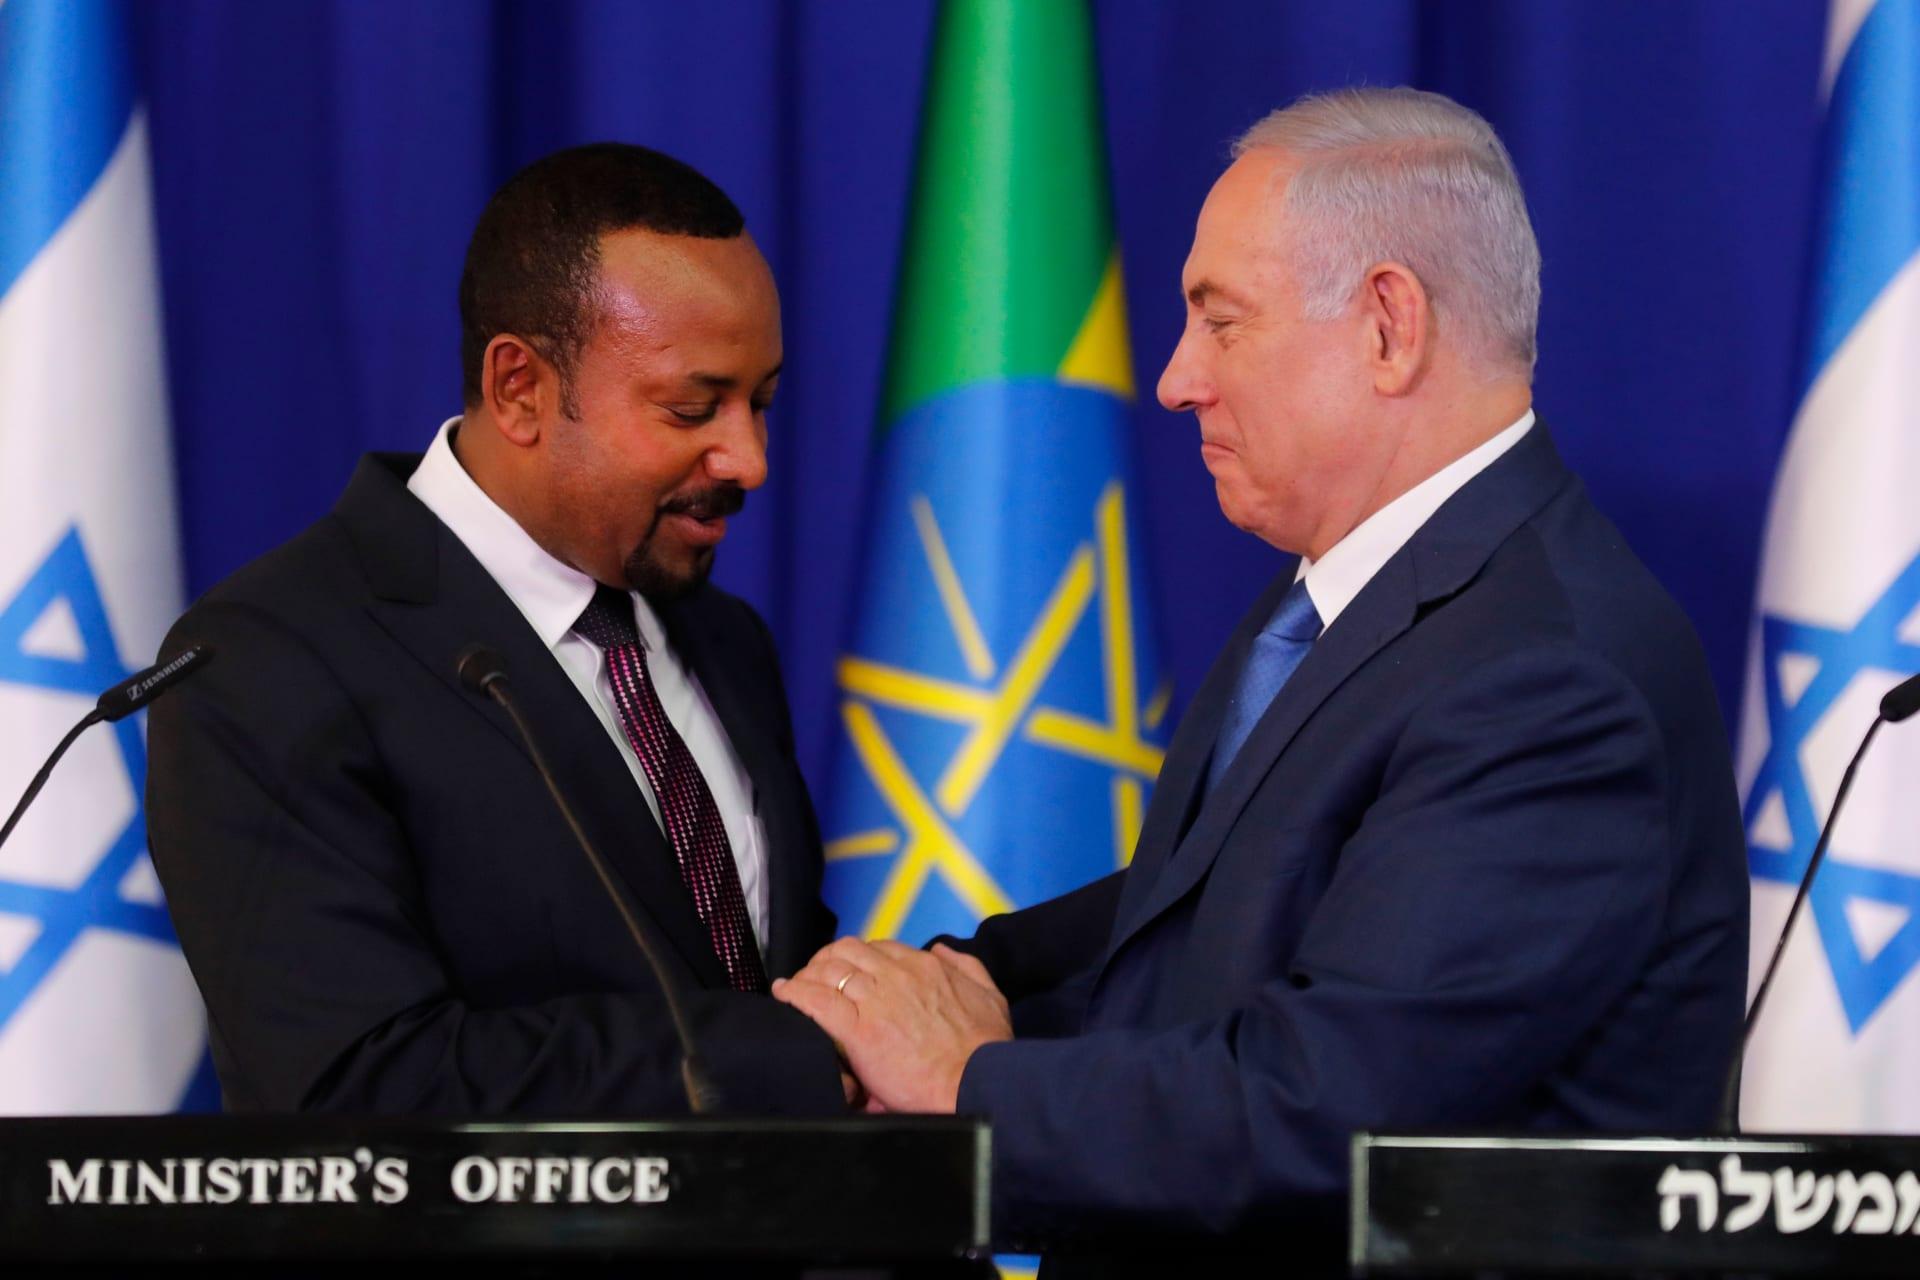 نتنياهو وآبي أحمد يبحثان نقل نحو ألفي إثيوبي يهودي إلى إسرائيل